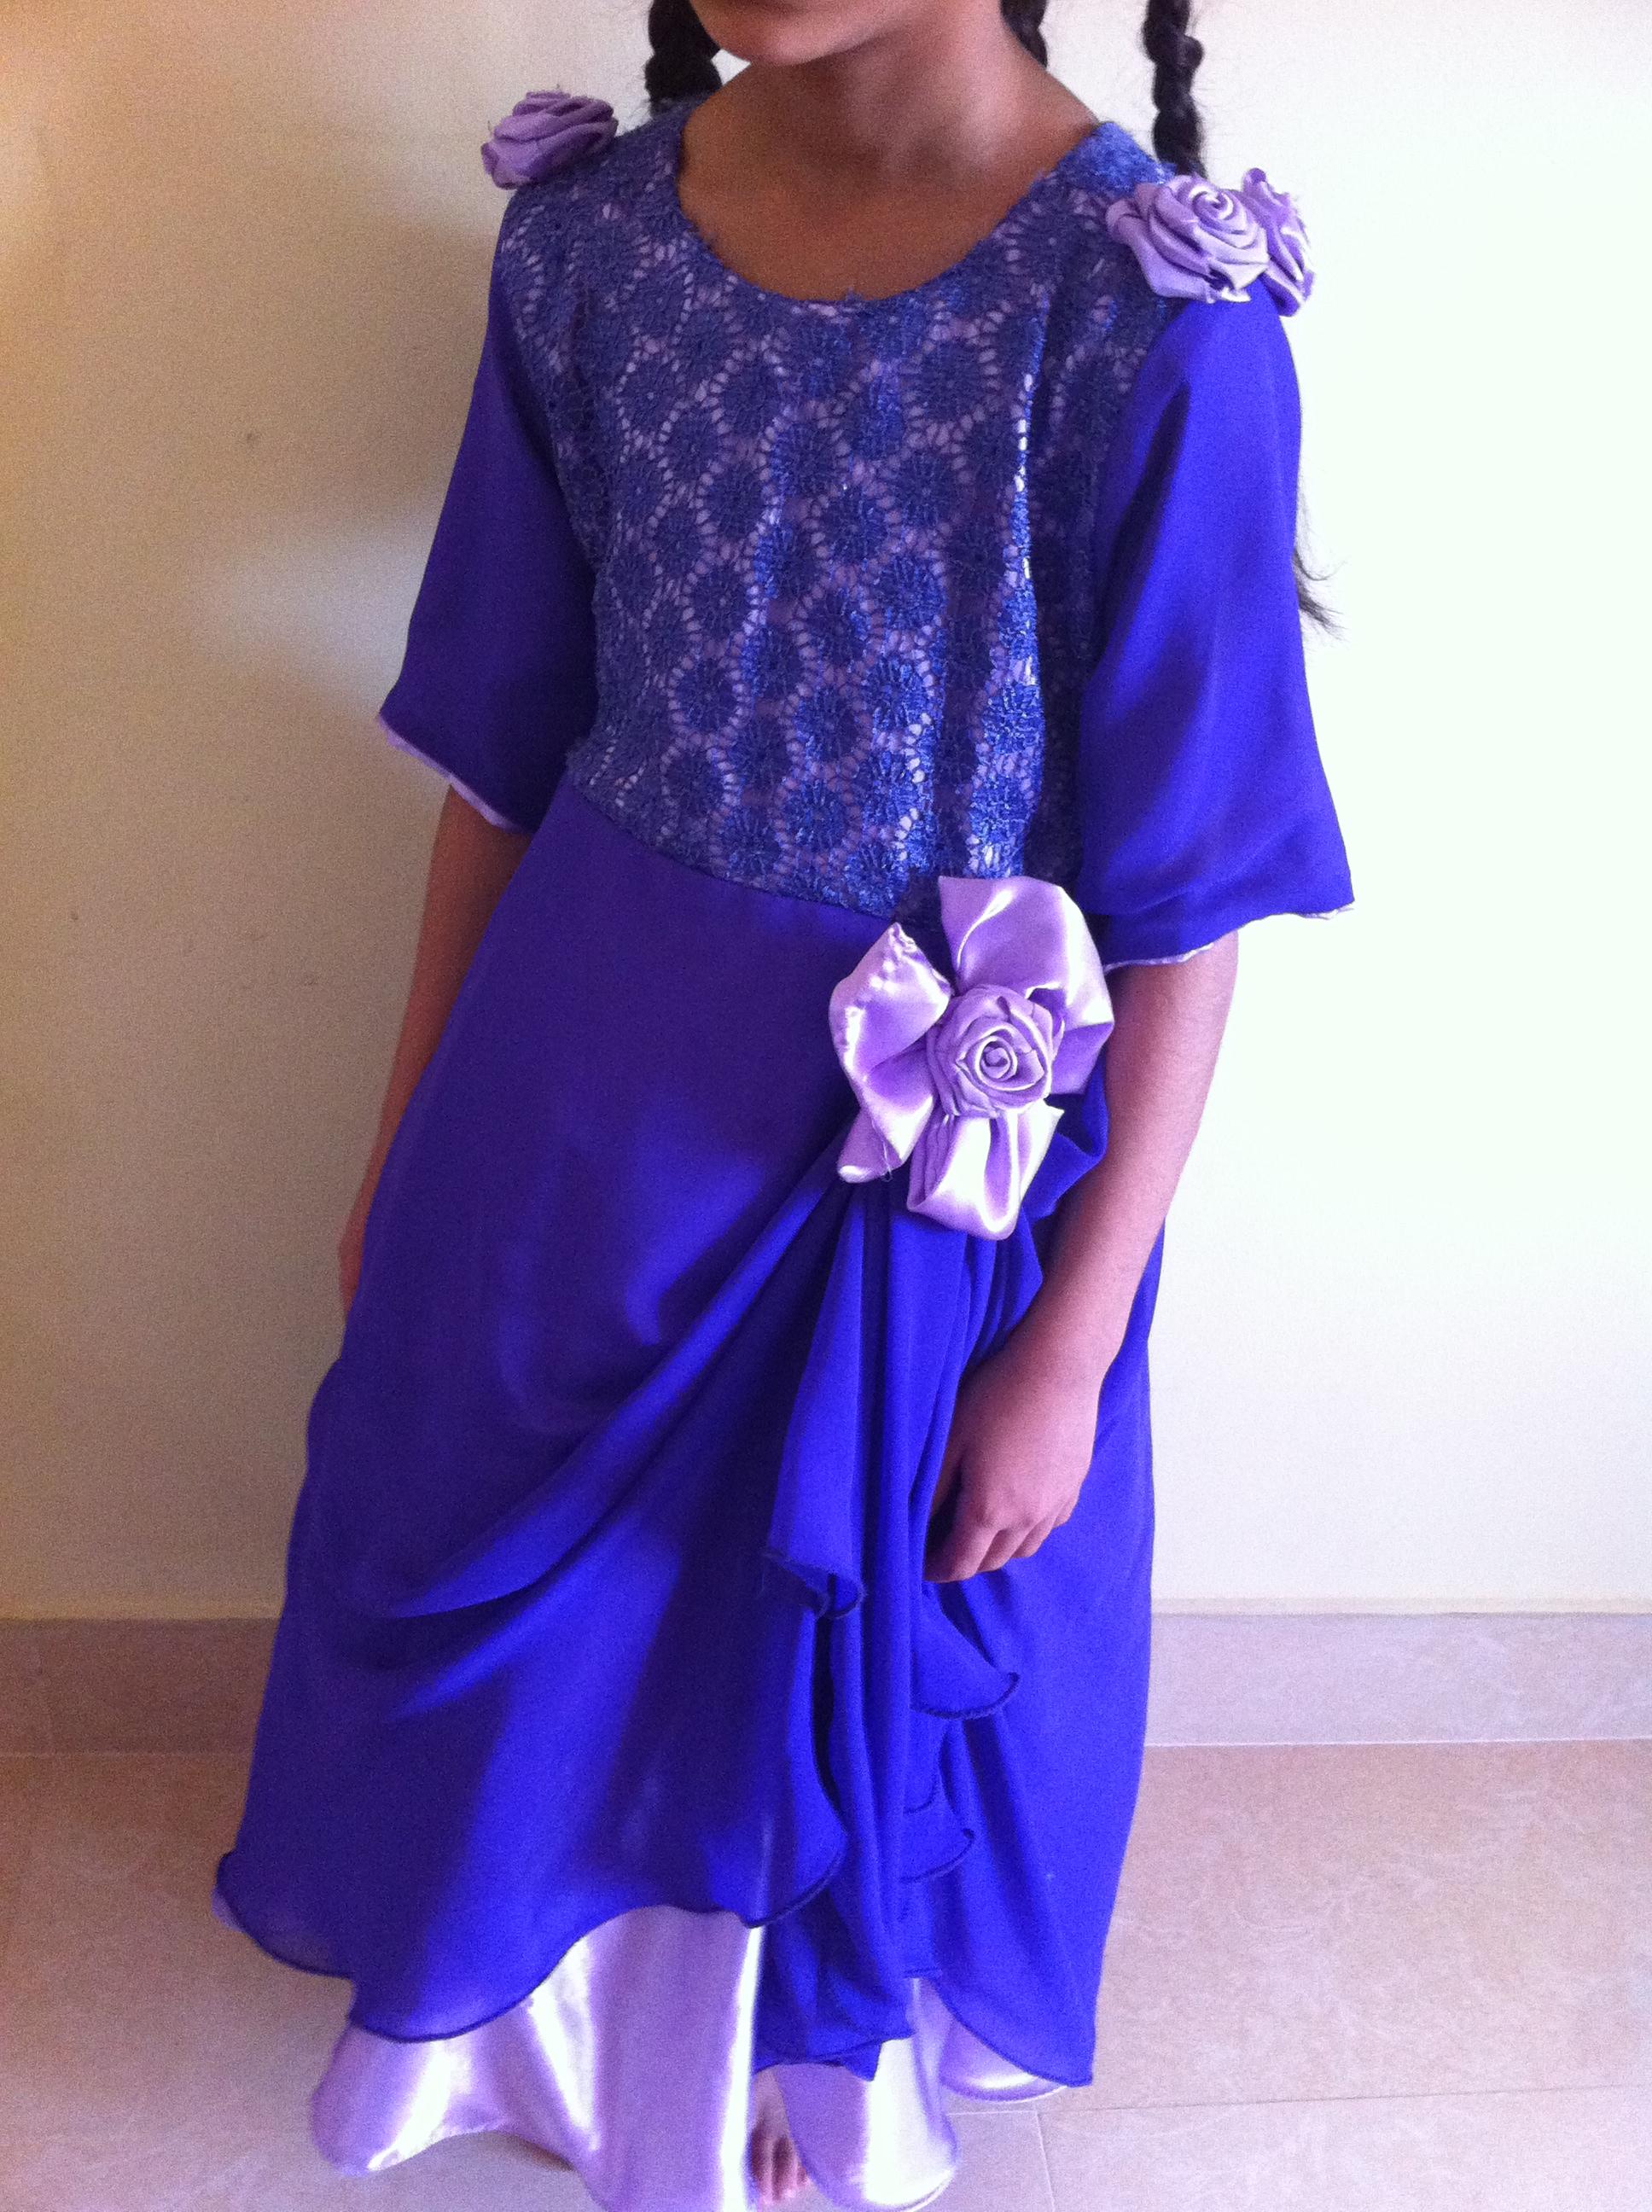 بالصور ازياء عمانية تقليدية للاطفال , ملابس رائعه للمناسبات 259 2